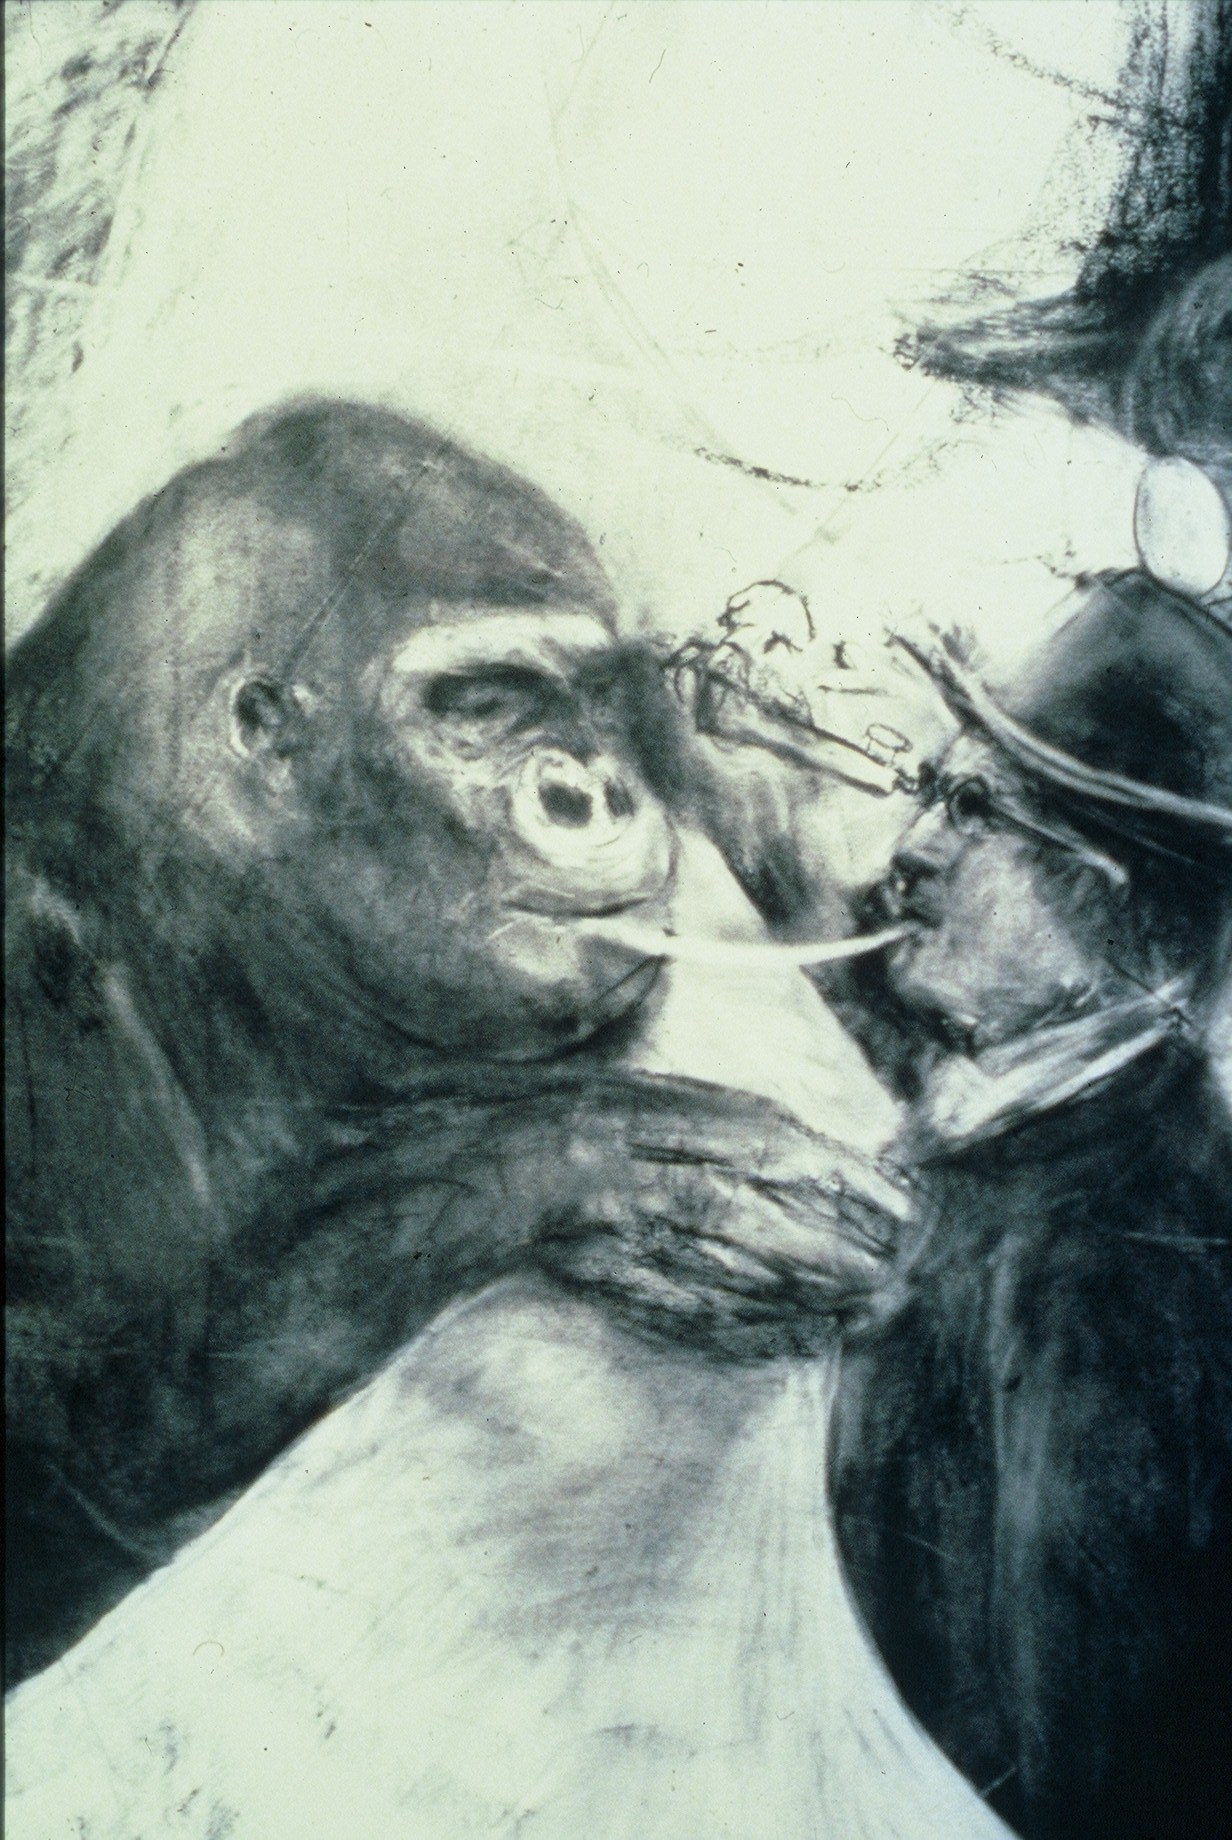 Sylvian Gérard, le souffle,l'autre;Sylvain Gérard 1990 .Photographie Claude Almodovar72